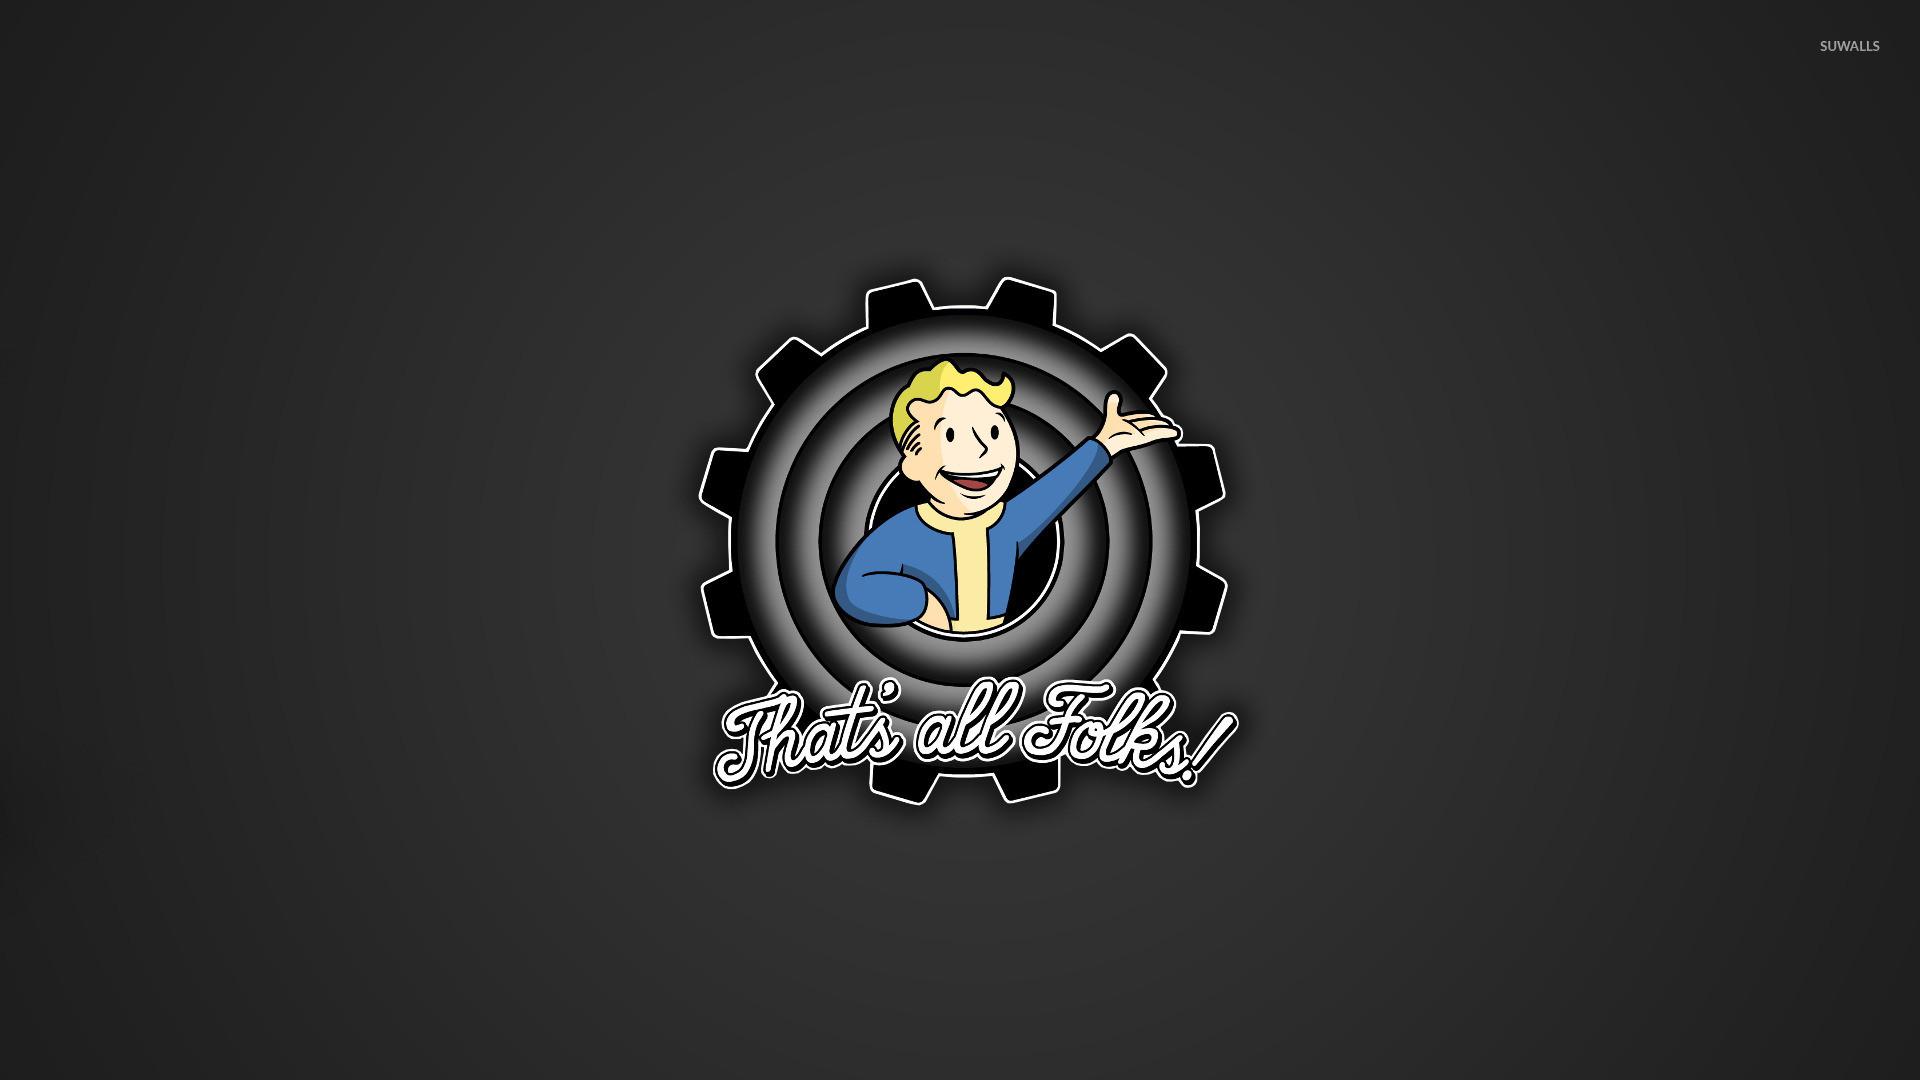 Fallout 4: Vault 111 wallpaper